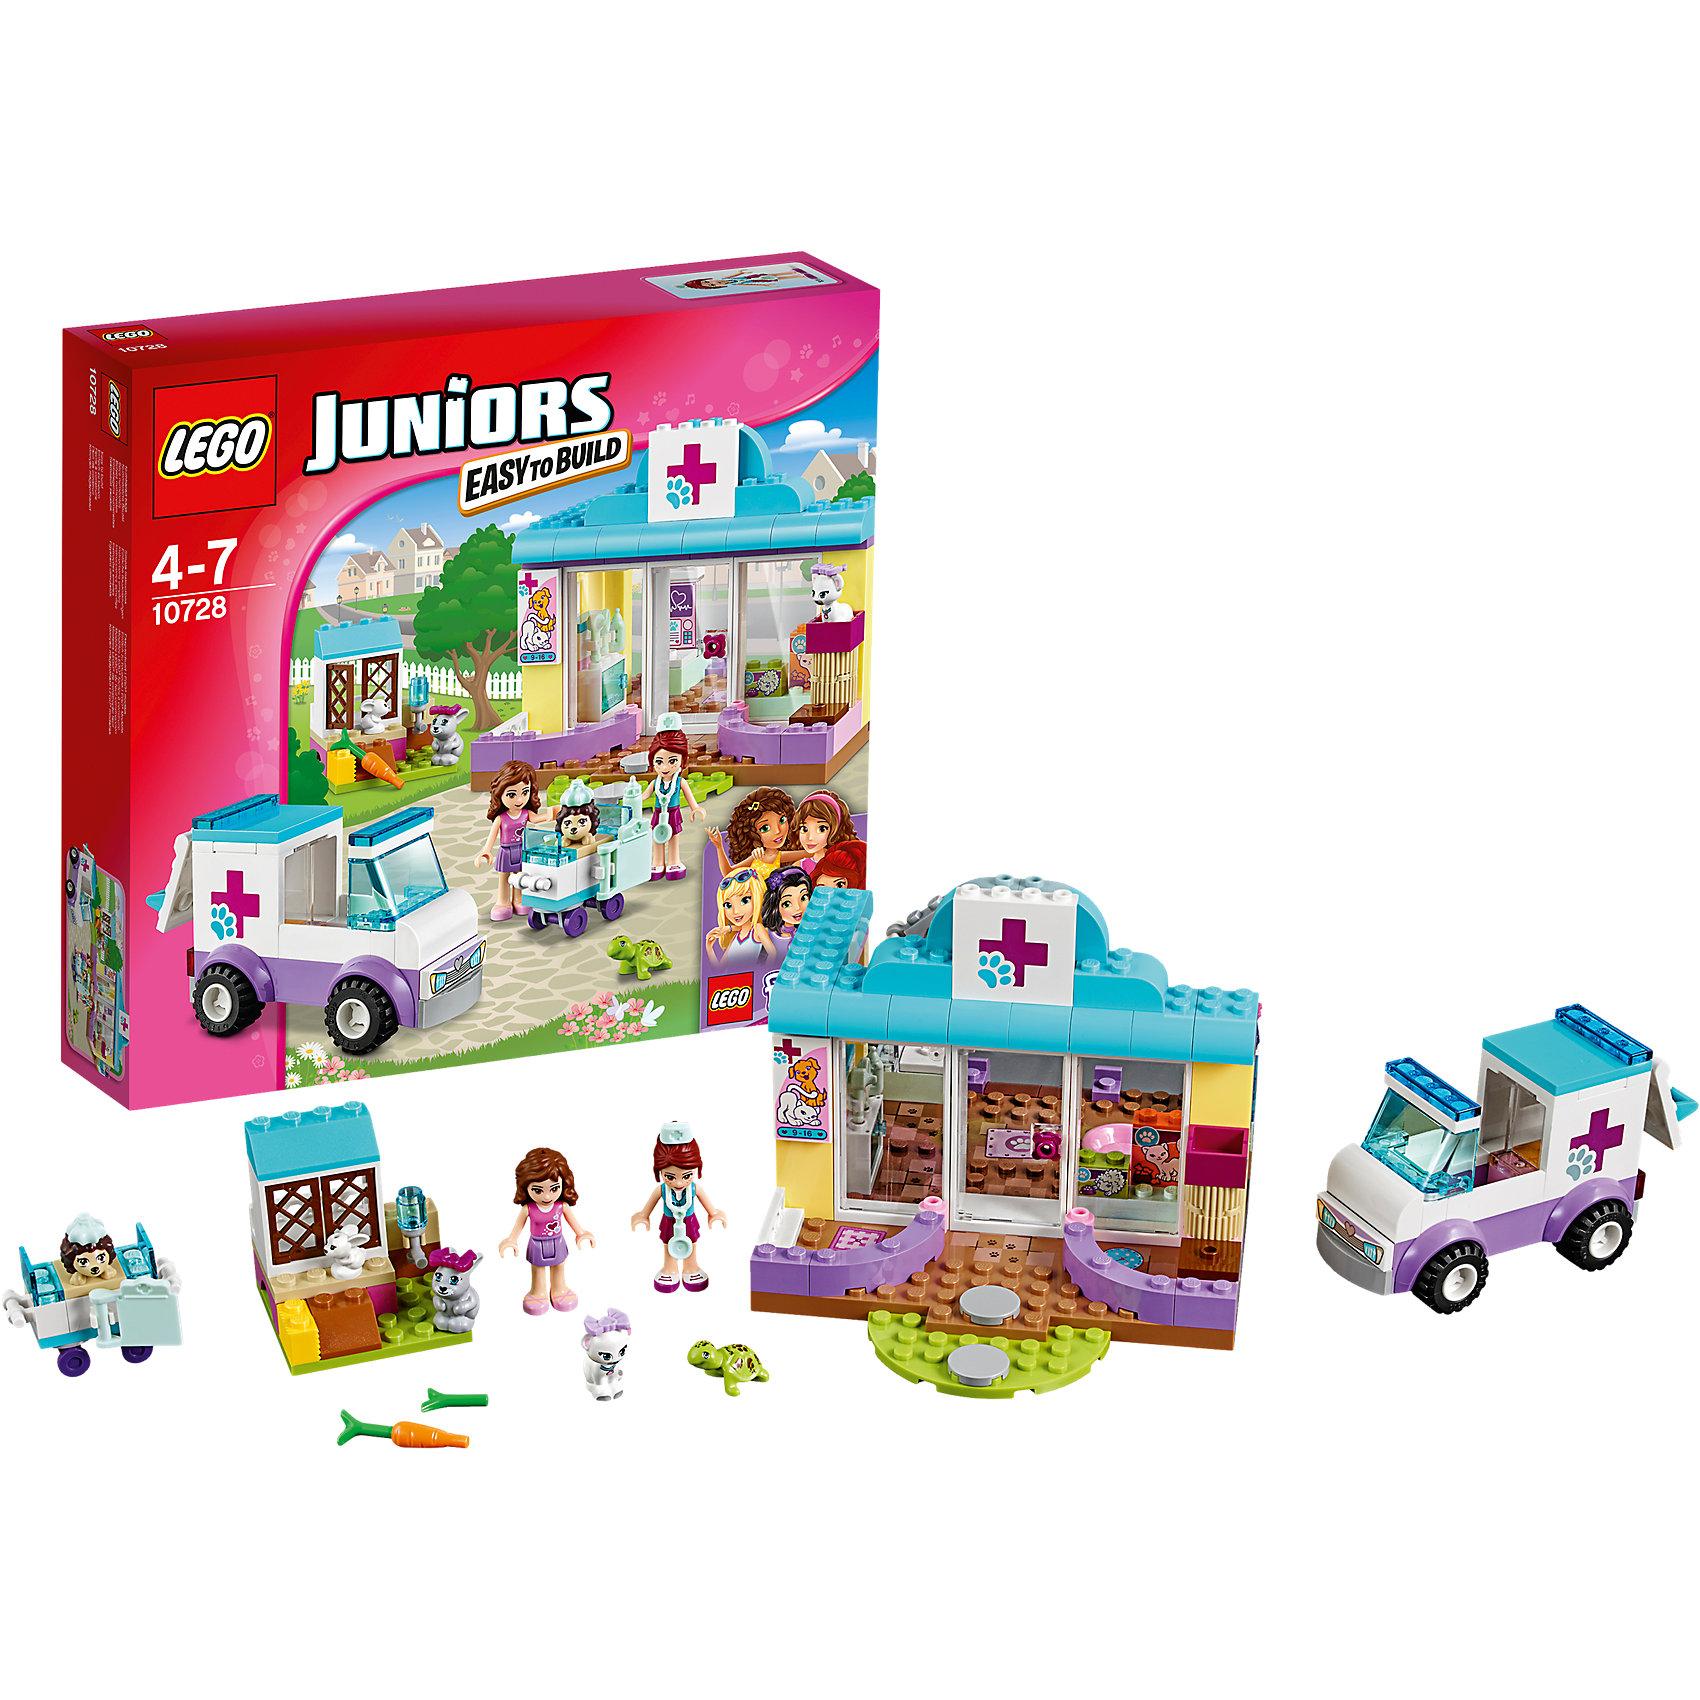 LEGO Juniors 10728: Ветеринарная клиника МииИграть с конструктором обожает множество современных девочек, поэтому набор Лего, из которого можно собрать разные сюжеты про героев и её приключения, обязательно порадует ребенка. Такие игрушки помогают детям развивать воображение, мелкую моторику, логику и творческое мышление.<br>Набор состоит из множества деталей, с помощью которых можно  собрать декорации для игр, а также в нем есть фигурки любимых персонажей! С таким комплектом можно придумать множество игр!<br><br>Дополнительная информация:<br><br>цвет: разноцветный;<br>размер коробки: 28 х 26 х 6 см;<br>вес: 450 г;<br>материал: пластик;<br>количество деталей: 173.<br><br>Набор Ветеринарная клиника Мии от бренда LEGO Juniors можно купить в нашем магазине.<br><br>Ширина мм: 287<br>Глубина мм: 261<br>Высота мм: 63<br>Вес г: 458<br>Возраст от месяцев: 48<br>Возраст до месяцев: 84<br>Пол: Женский<br>Возраст: Детский<br>SKU: 4641213